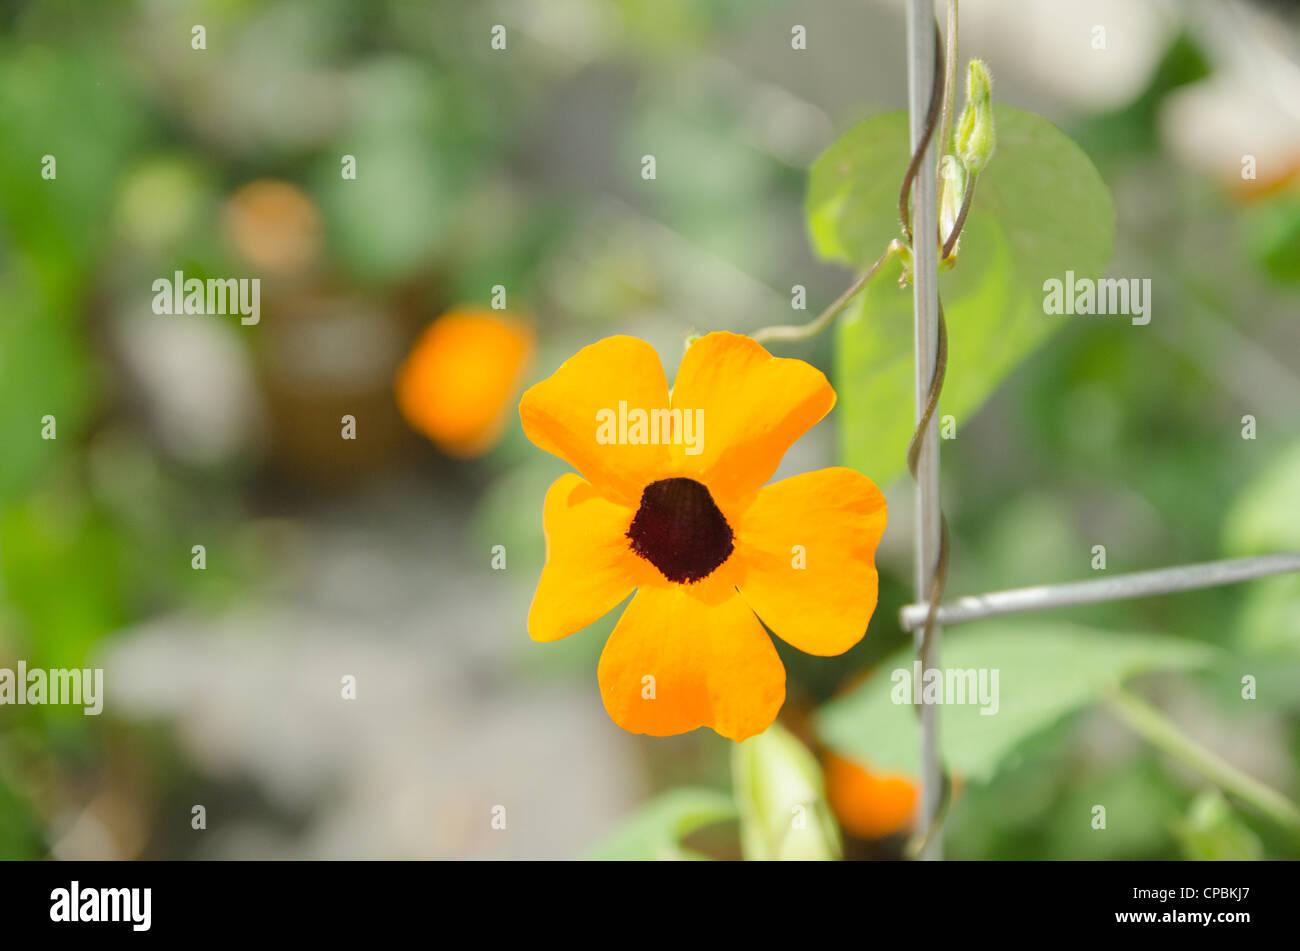 Flower With Orange Center Stock Photos Flower With Orange Center